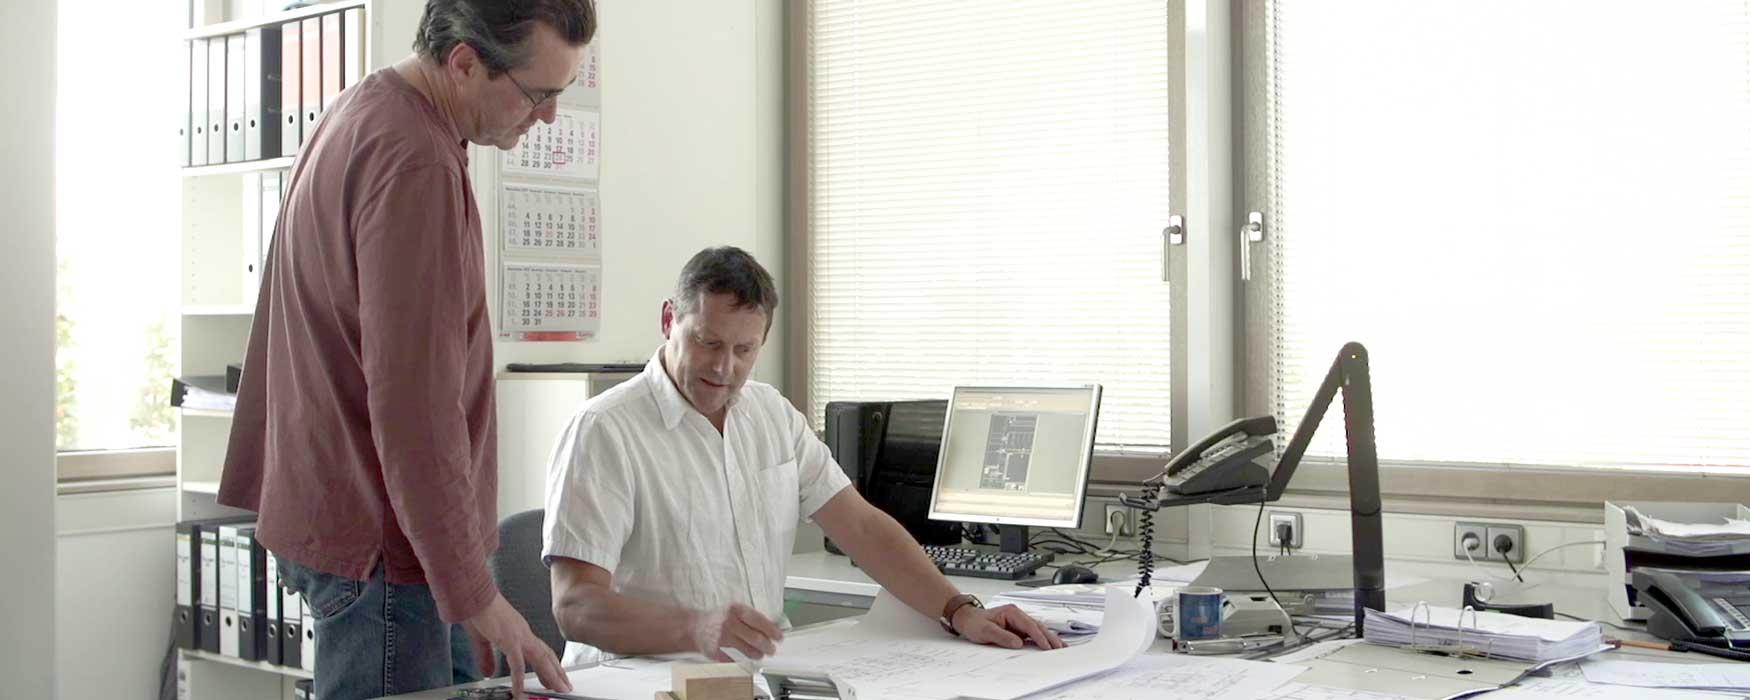 Karriere | Job für Berufserfahrene, Mitarbeiter in der Produktion